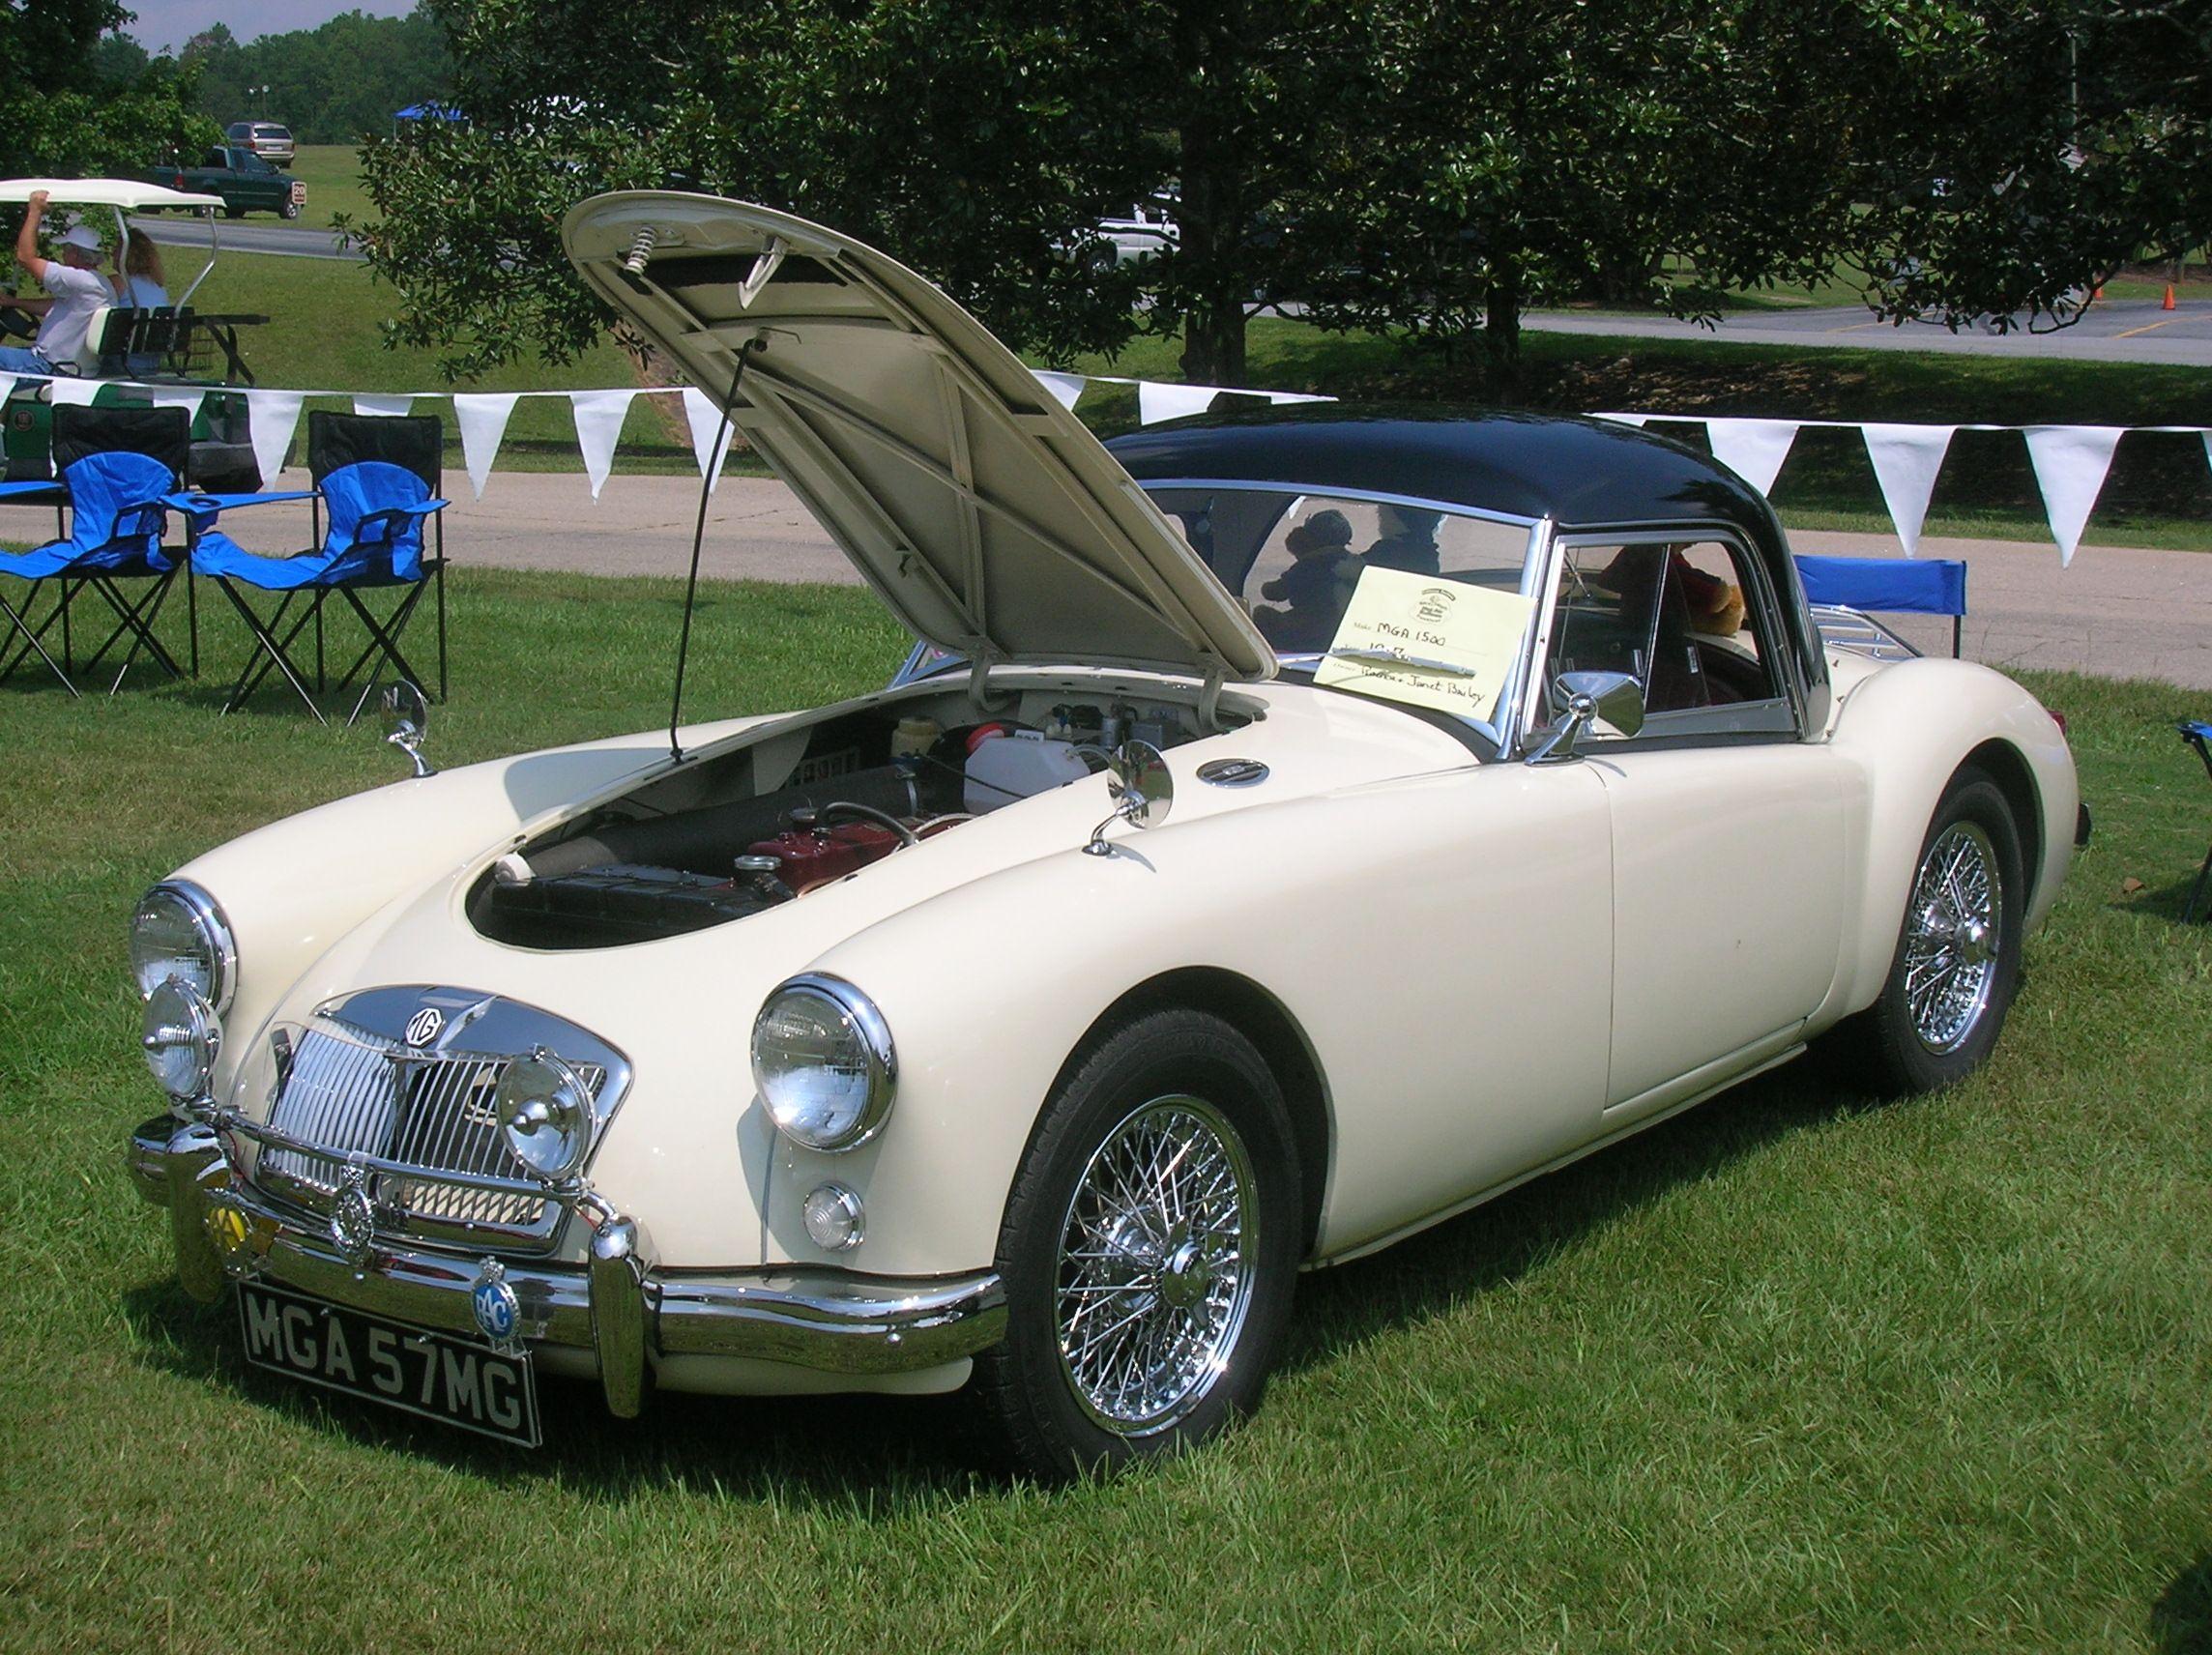 1957 MGA | Motor 4 | Pinterest | Cars, British car and Sports cars